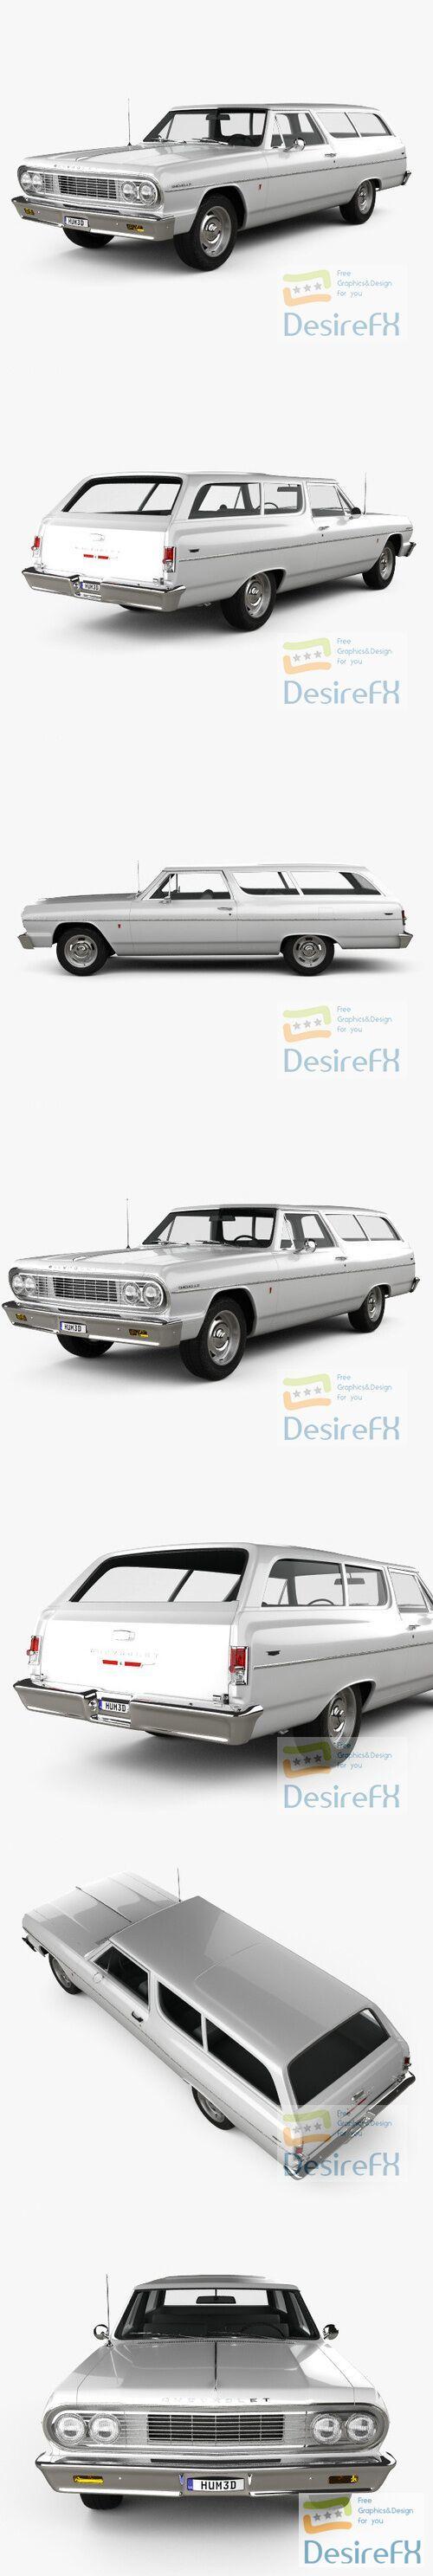 Chevrolet Chevelle 2-door wagon 19643D Model